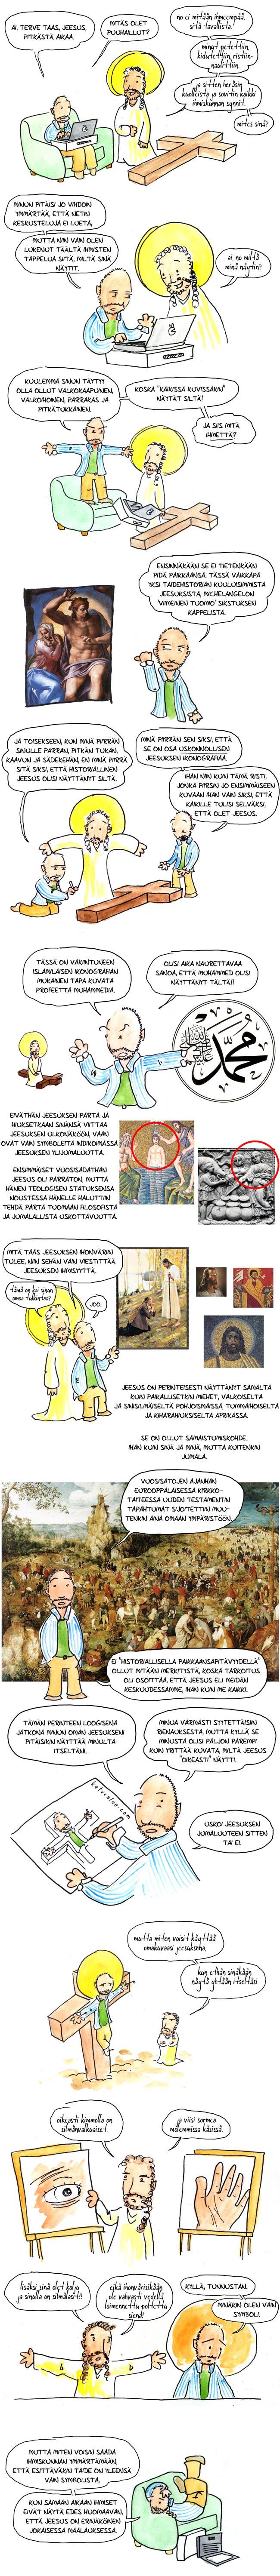 Jeesuksen ulkonäkö